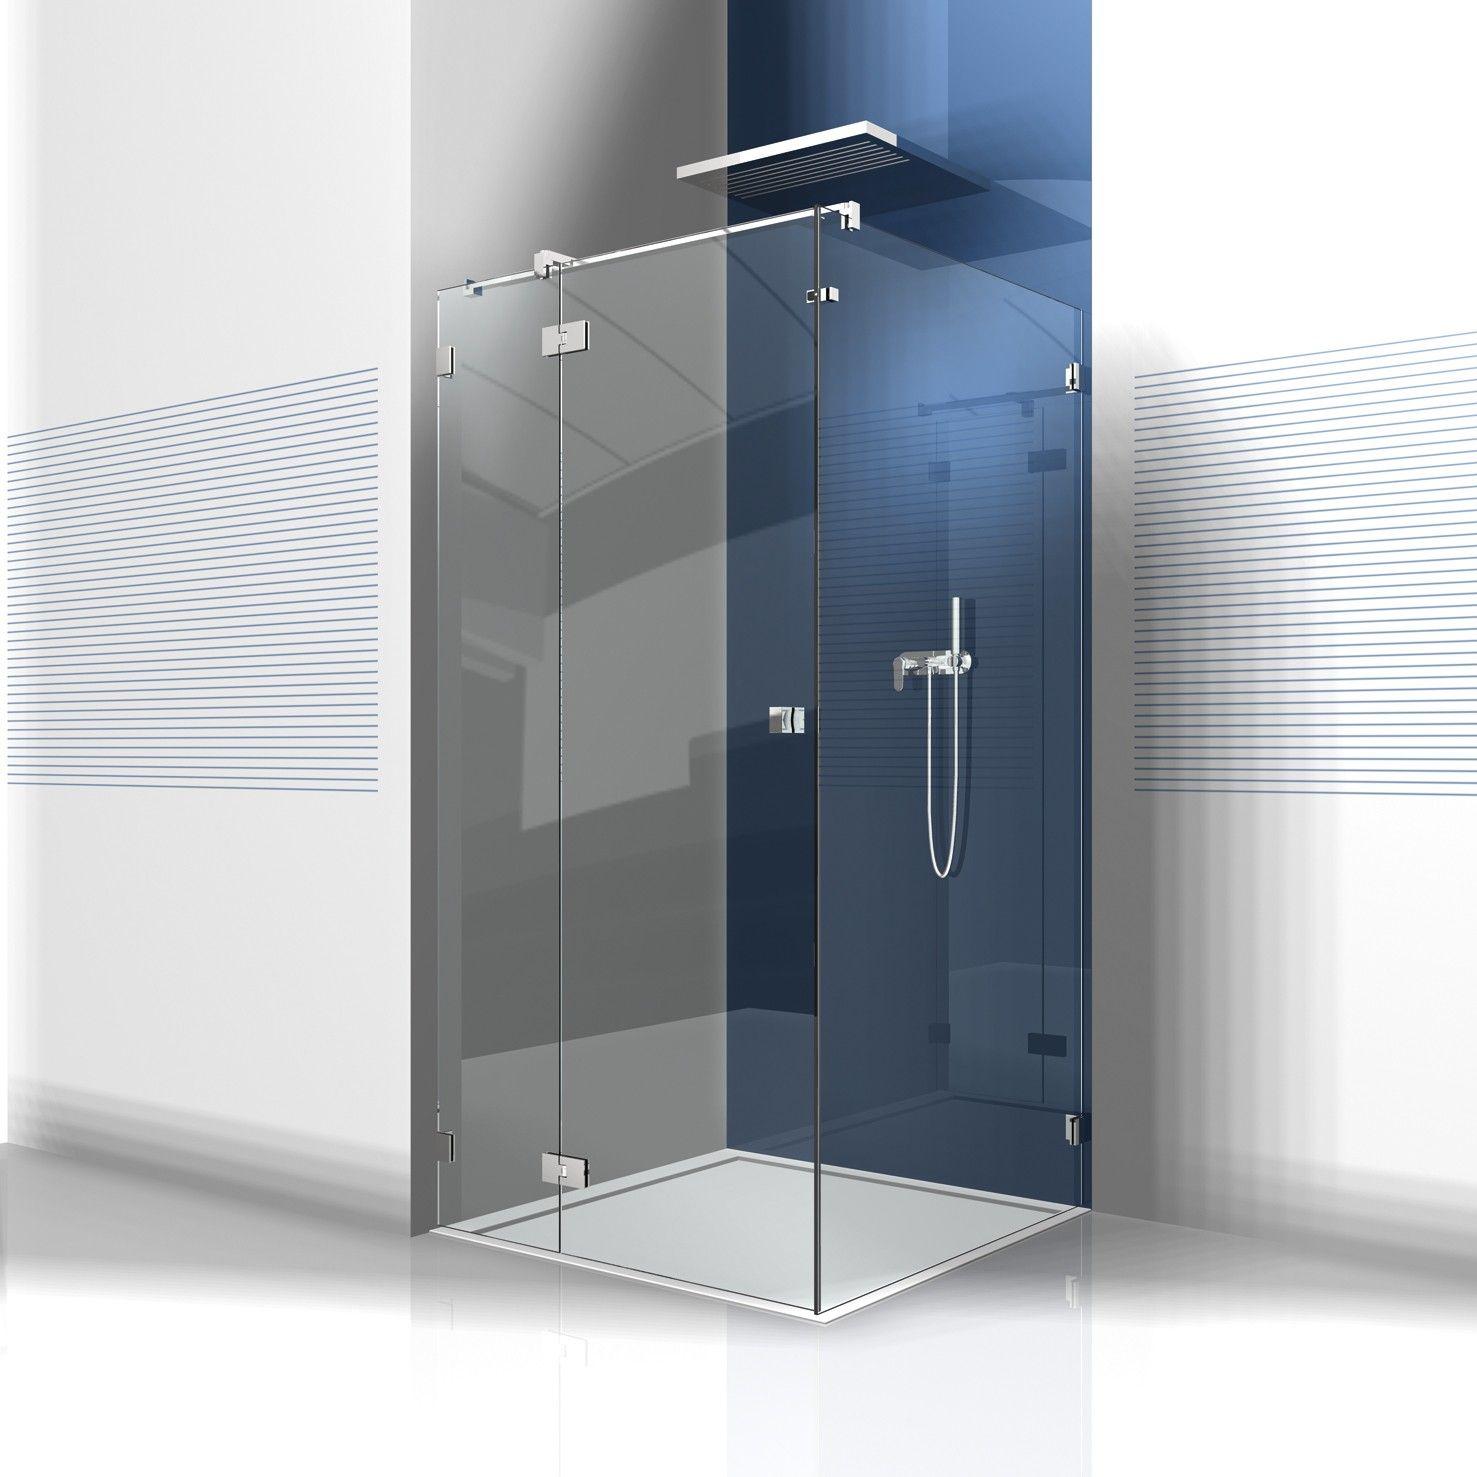 Wat Een Heerlijke Badkamer We Zien Hier Onze Luxe Douchewand Tot